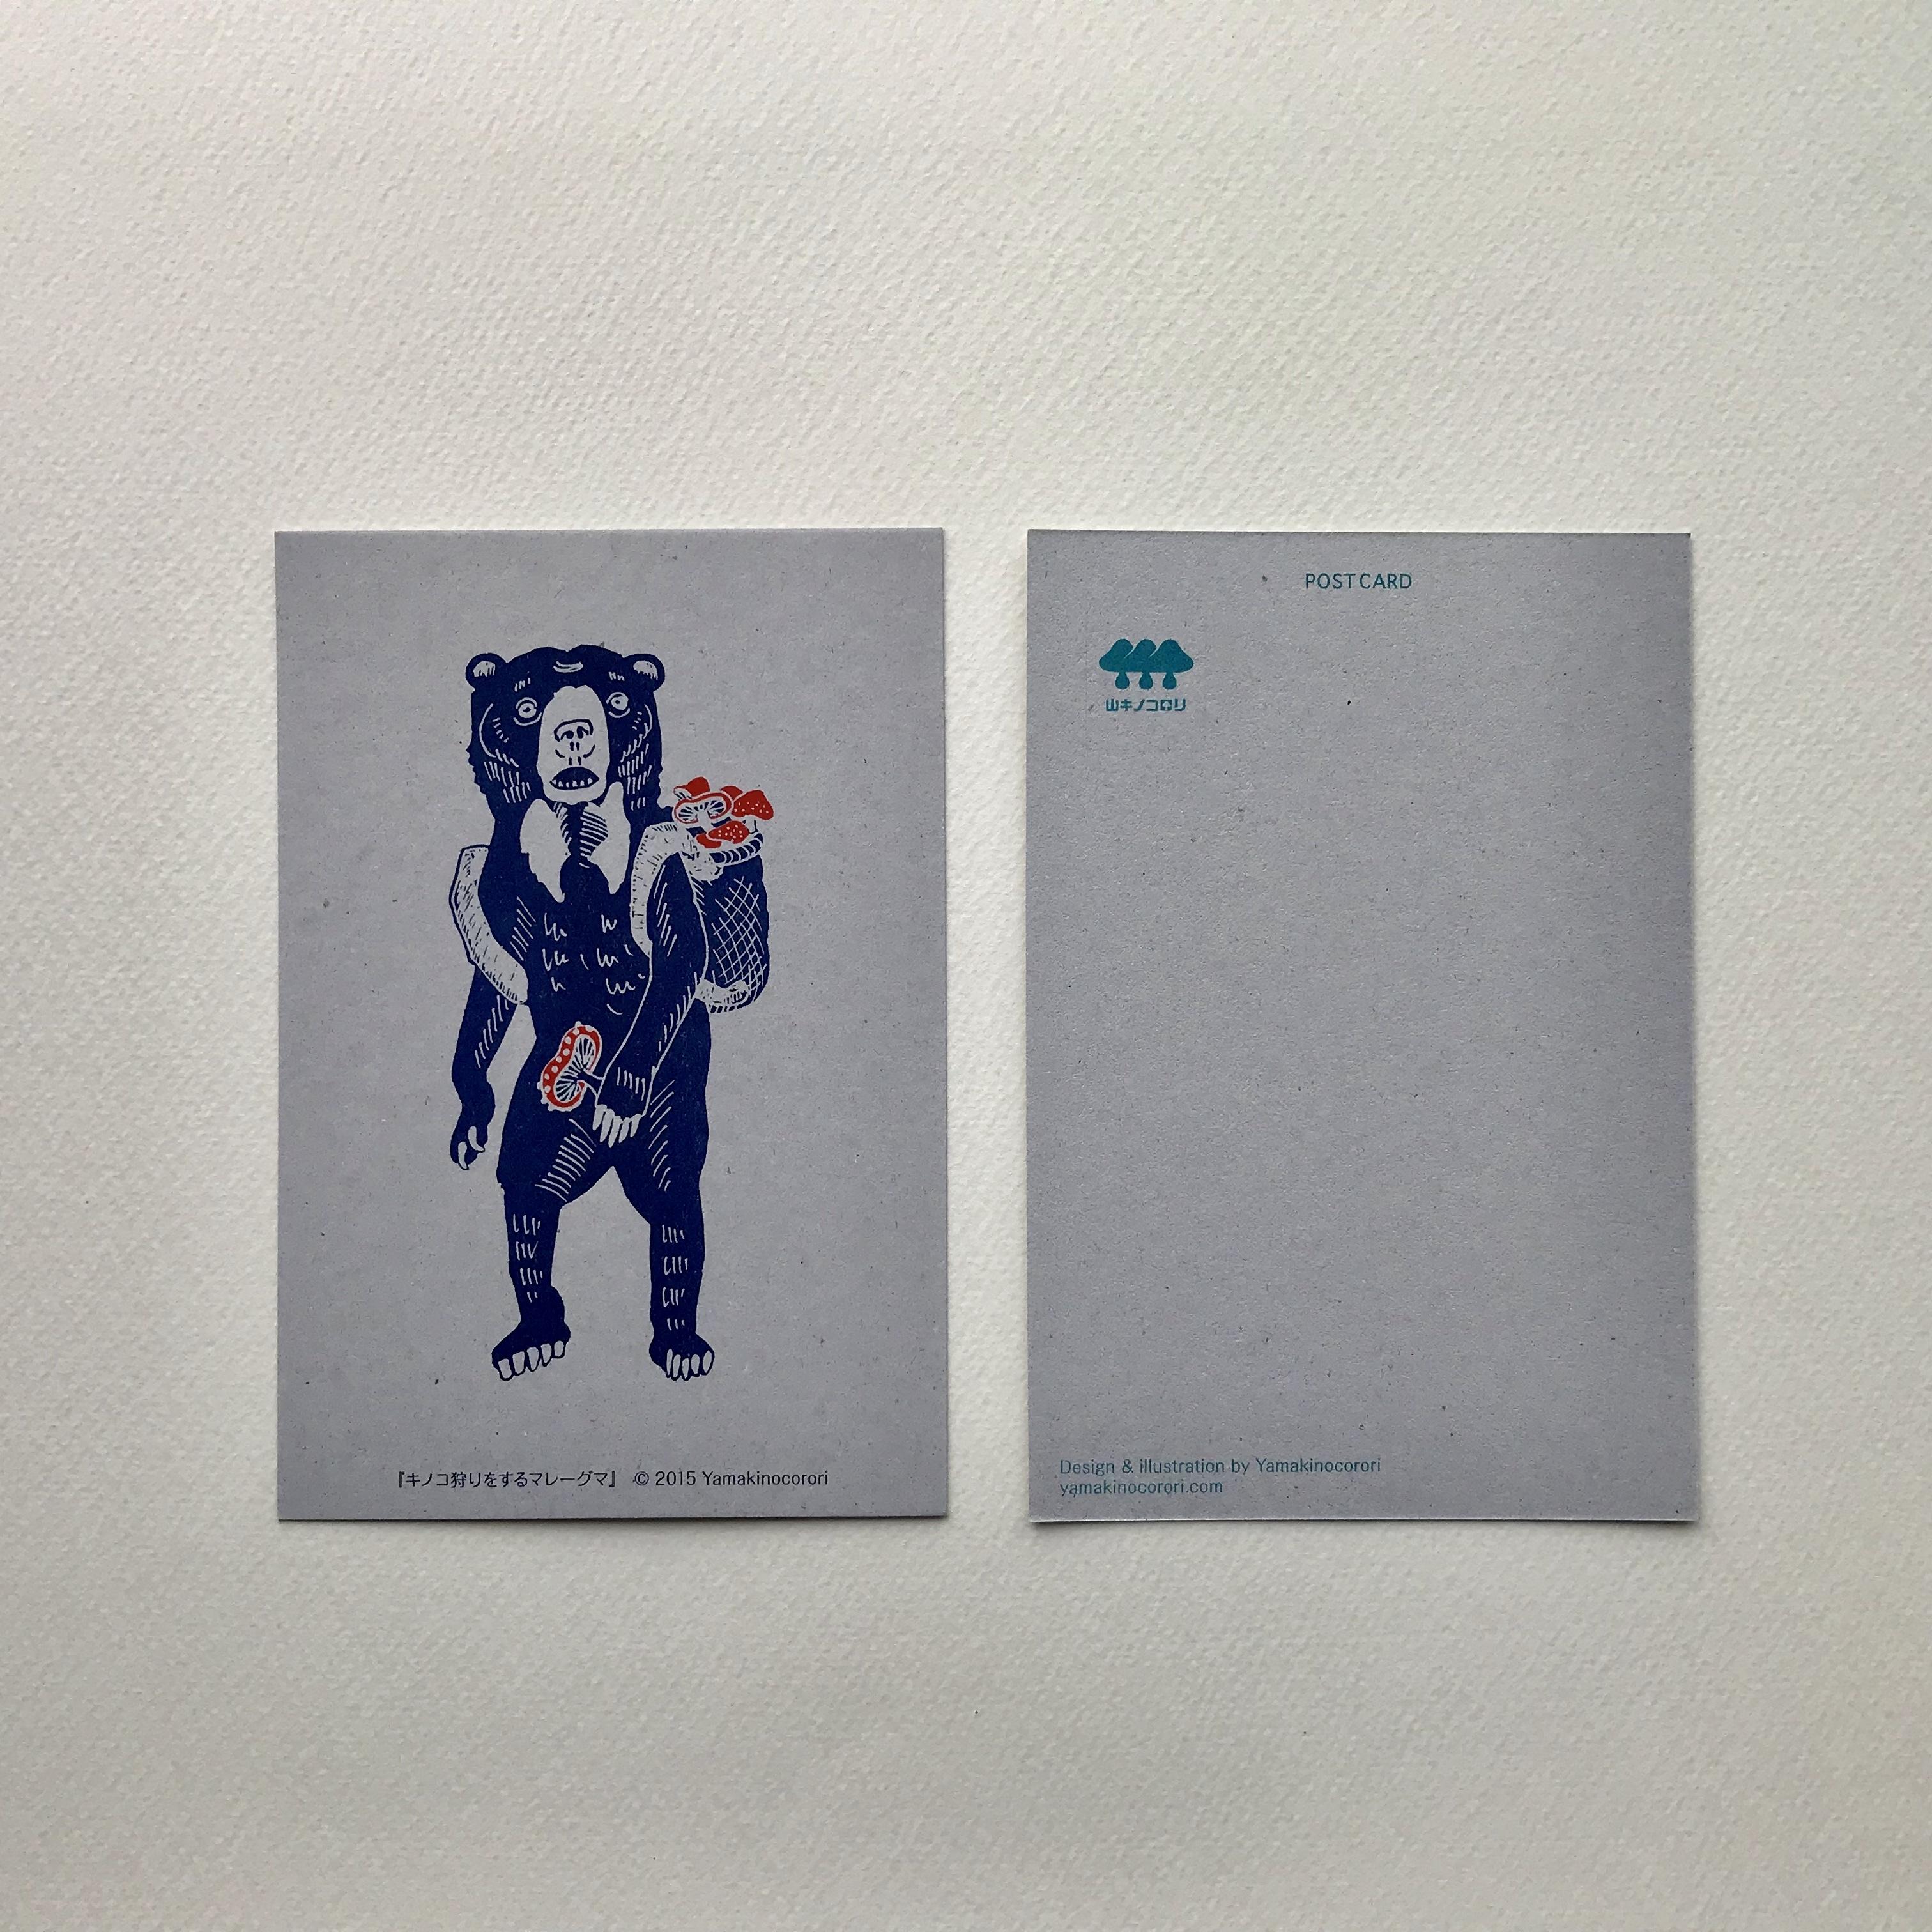 ポストカード『キノコ狩りをするマレーグマ』